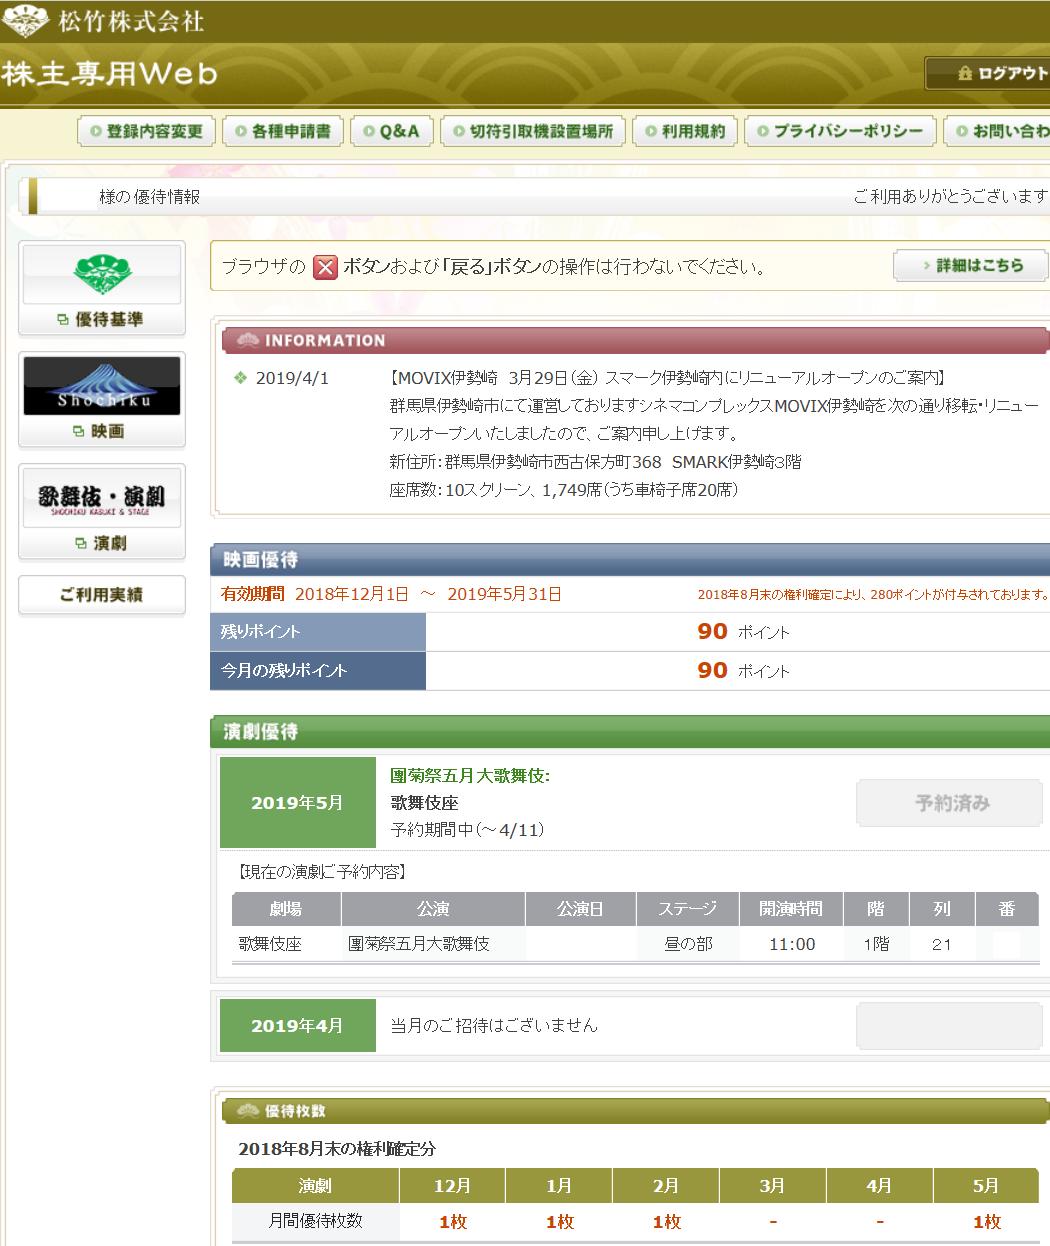 9601 - 松竹(株) 2月公演以来の 【 演劇優待の予約日 】。 「歌舞伎座 團菊祭五月大歌舞伎」。 1F後ろの席だけど、